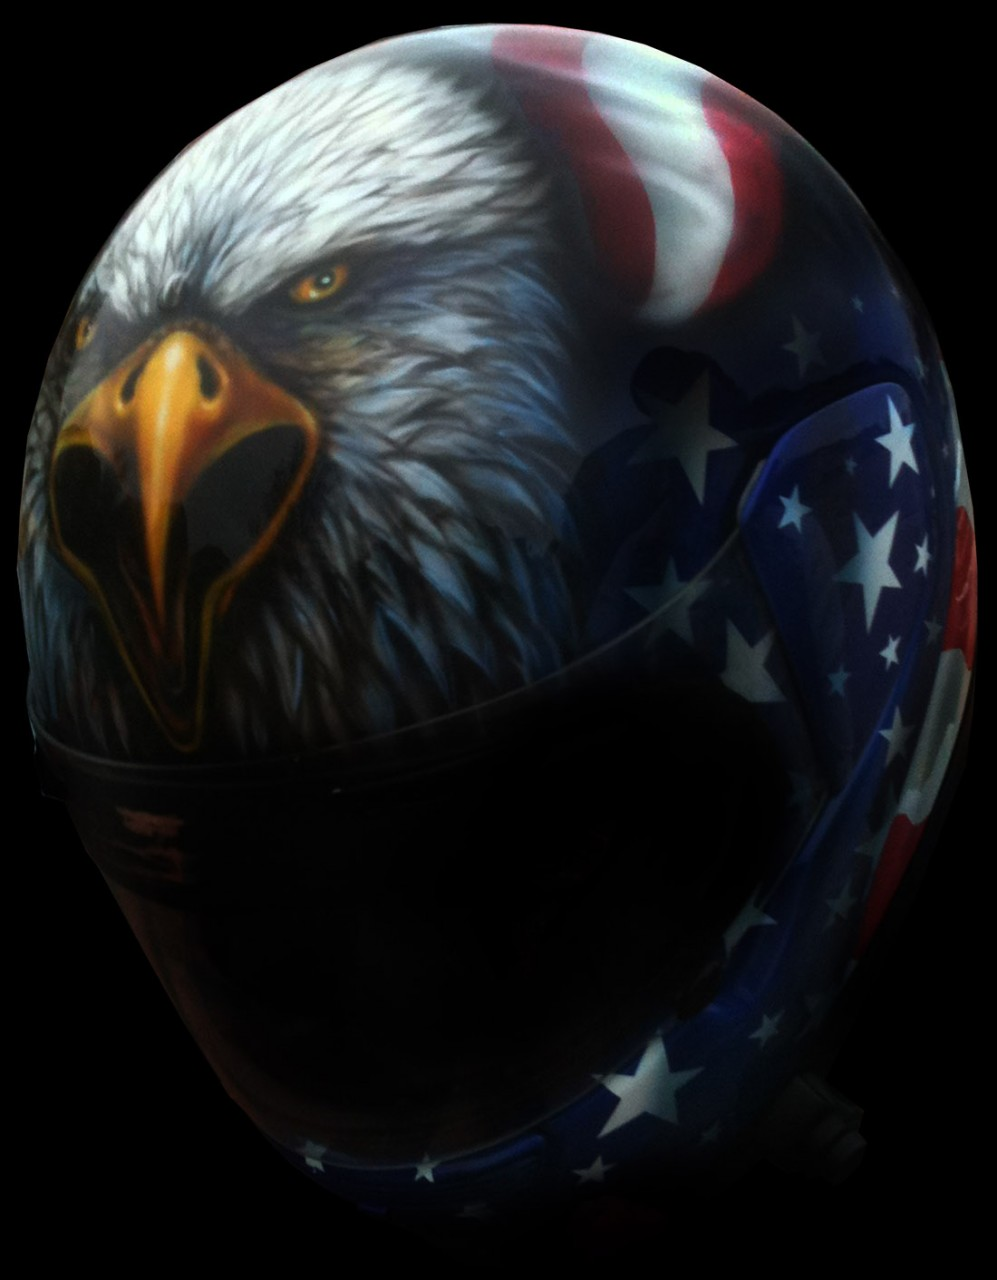 eagle-helmet-front-side